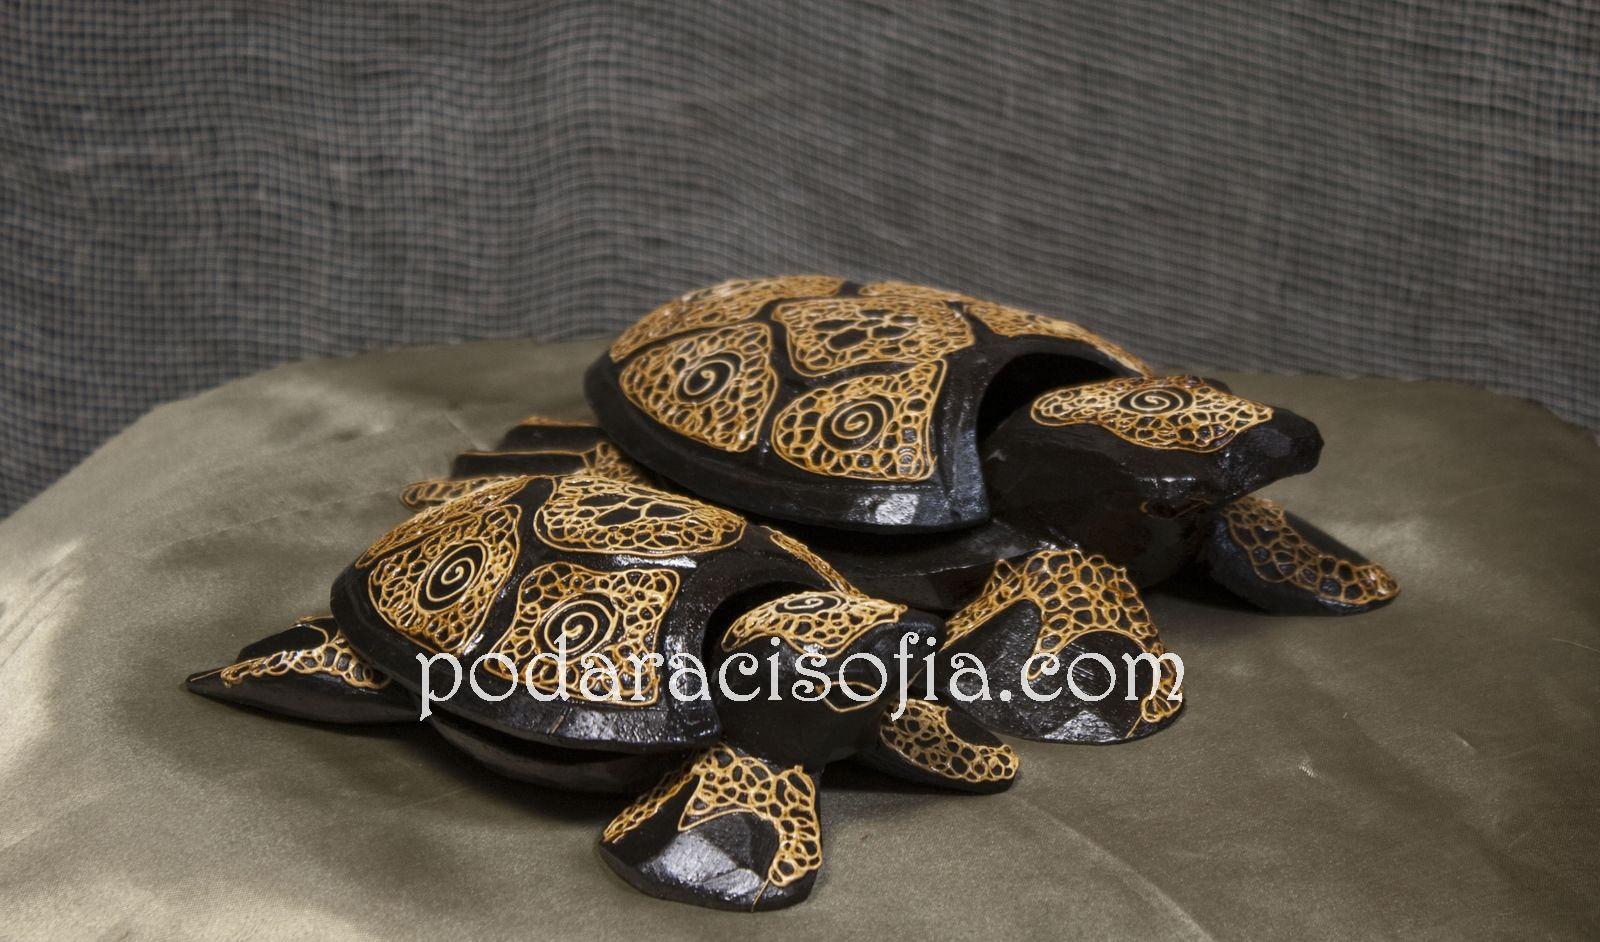 Дървена костенурка за подарък за мъж или за жена. Може да е кутиика или пепелник. Екзотична декорация от Gifts